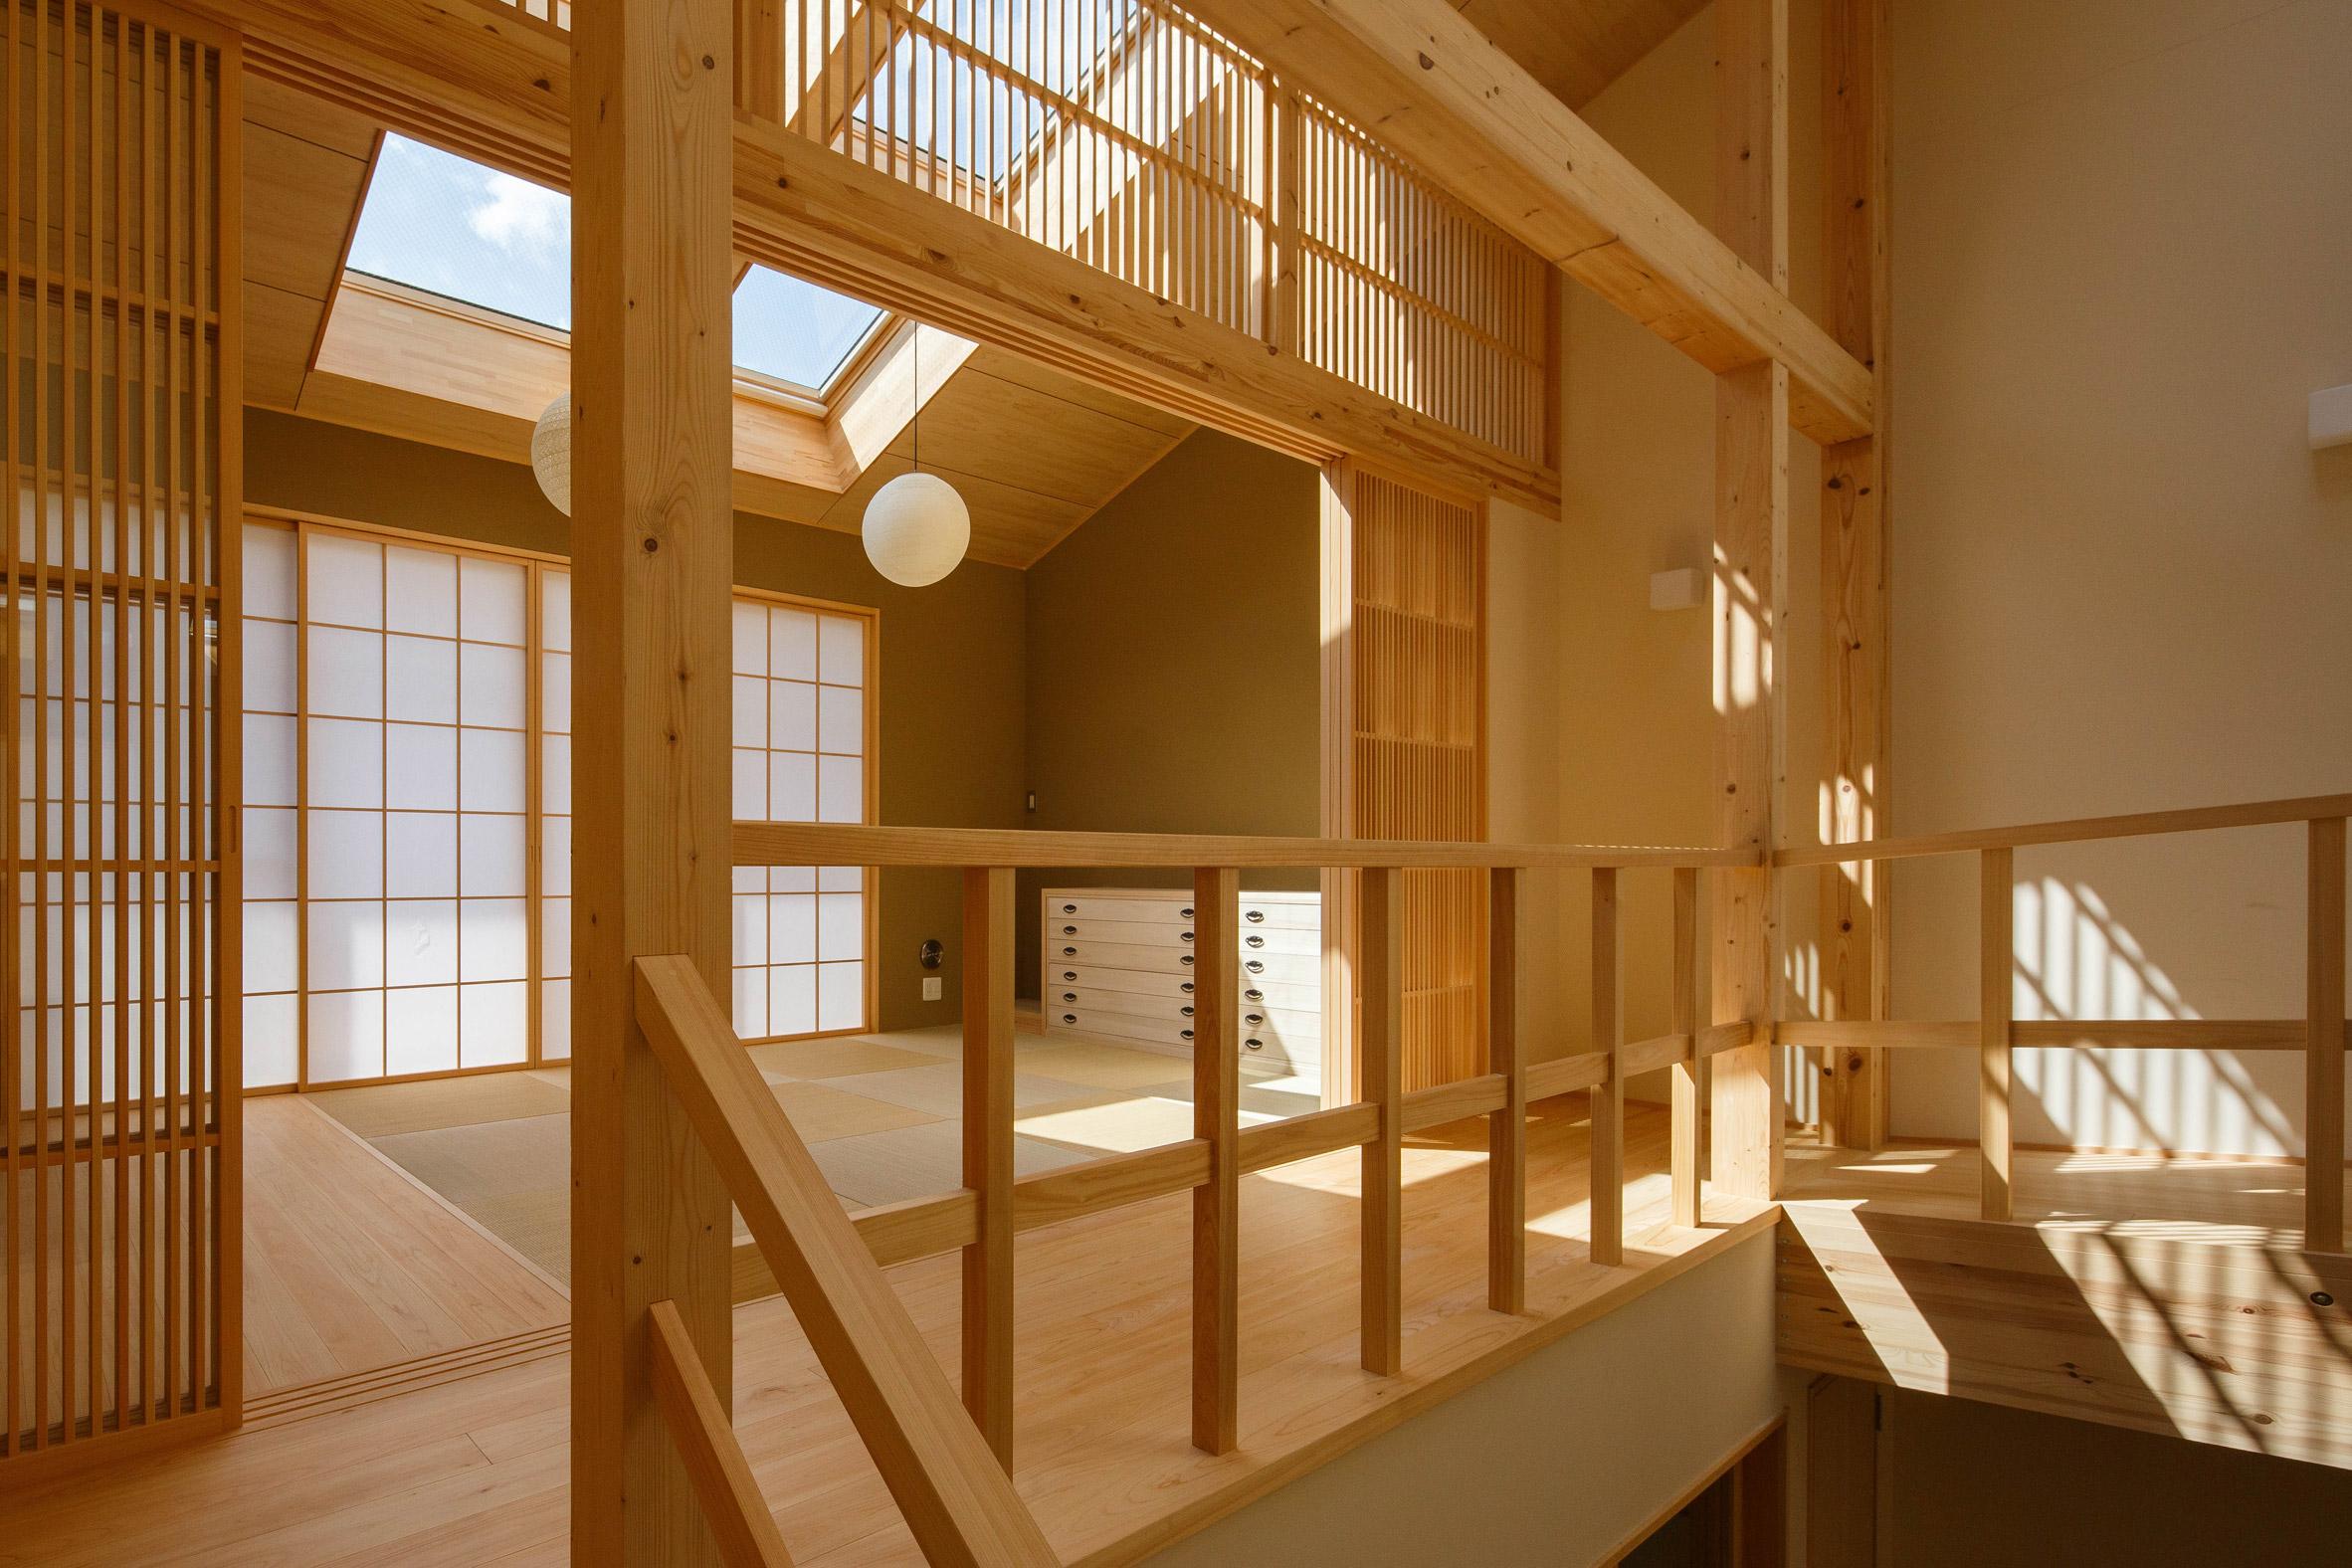 Nhà gỗ lắp ghép 4